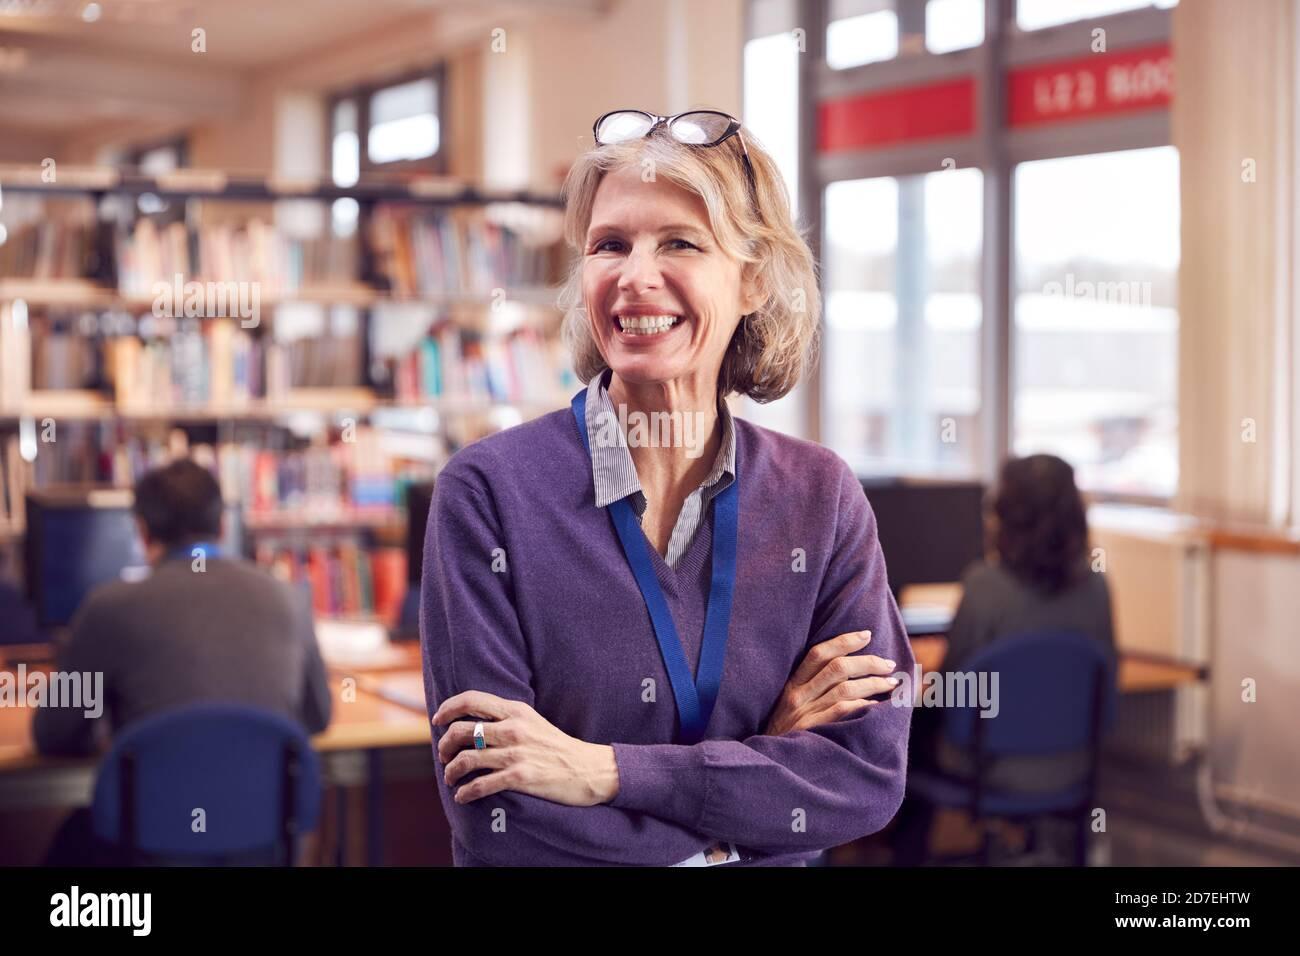 Portrait d'une enseignante ou d'une étudiante d'âge mûr à la bibliothèque avec Autres étudiants étudiant en arrière-plan Banque D'Images